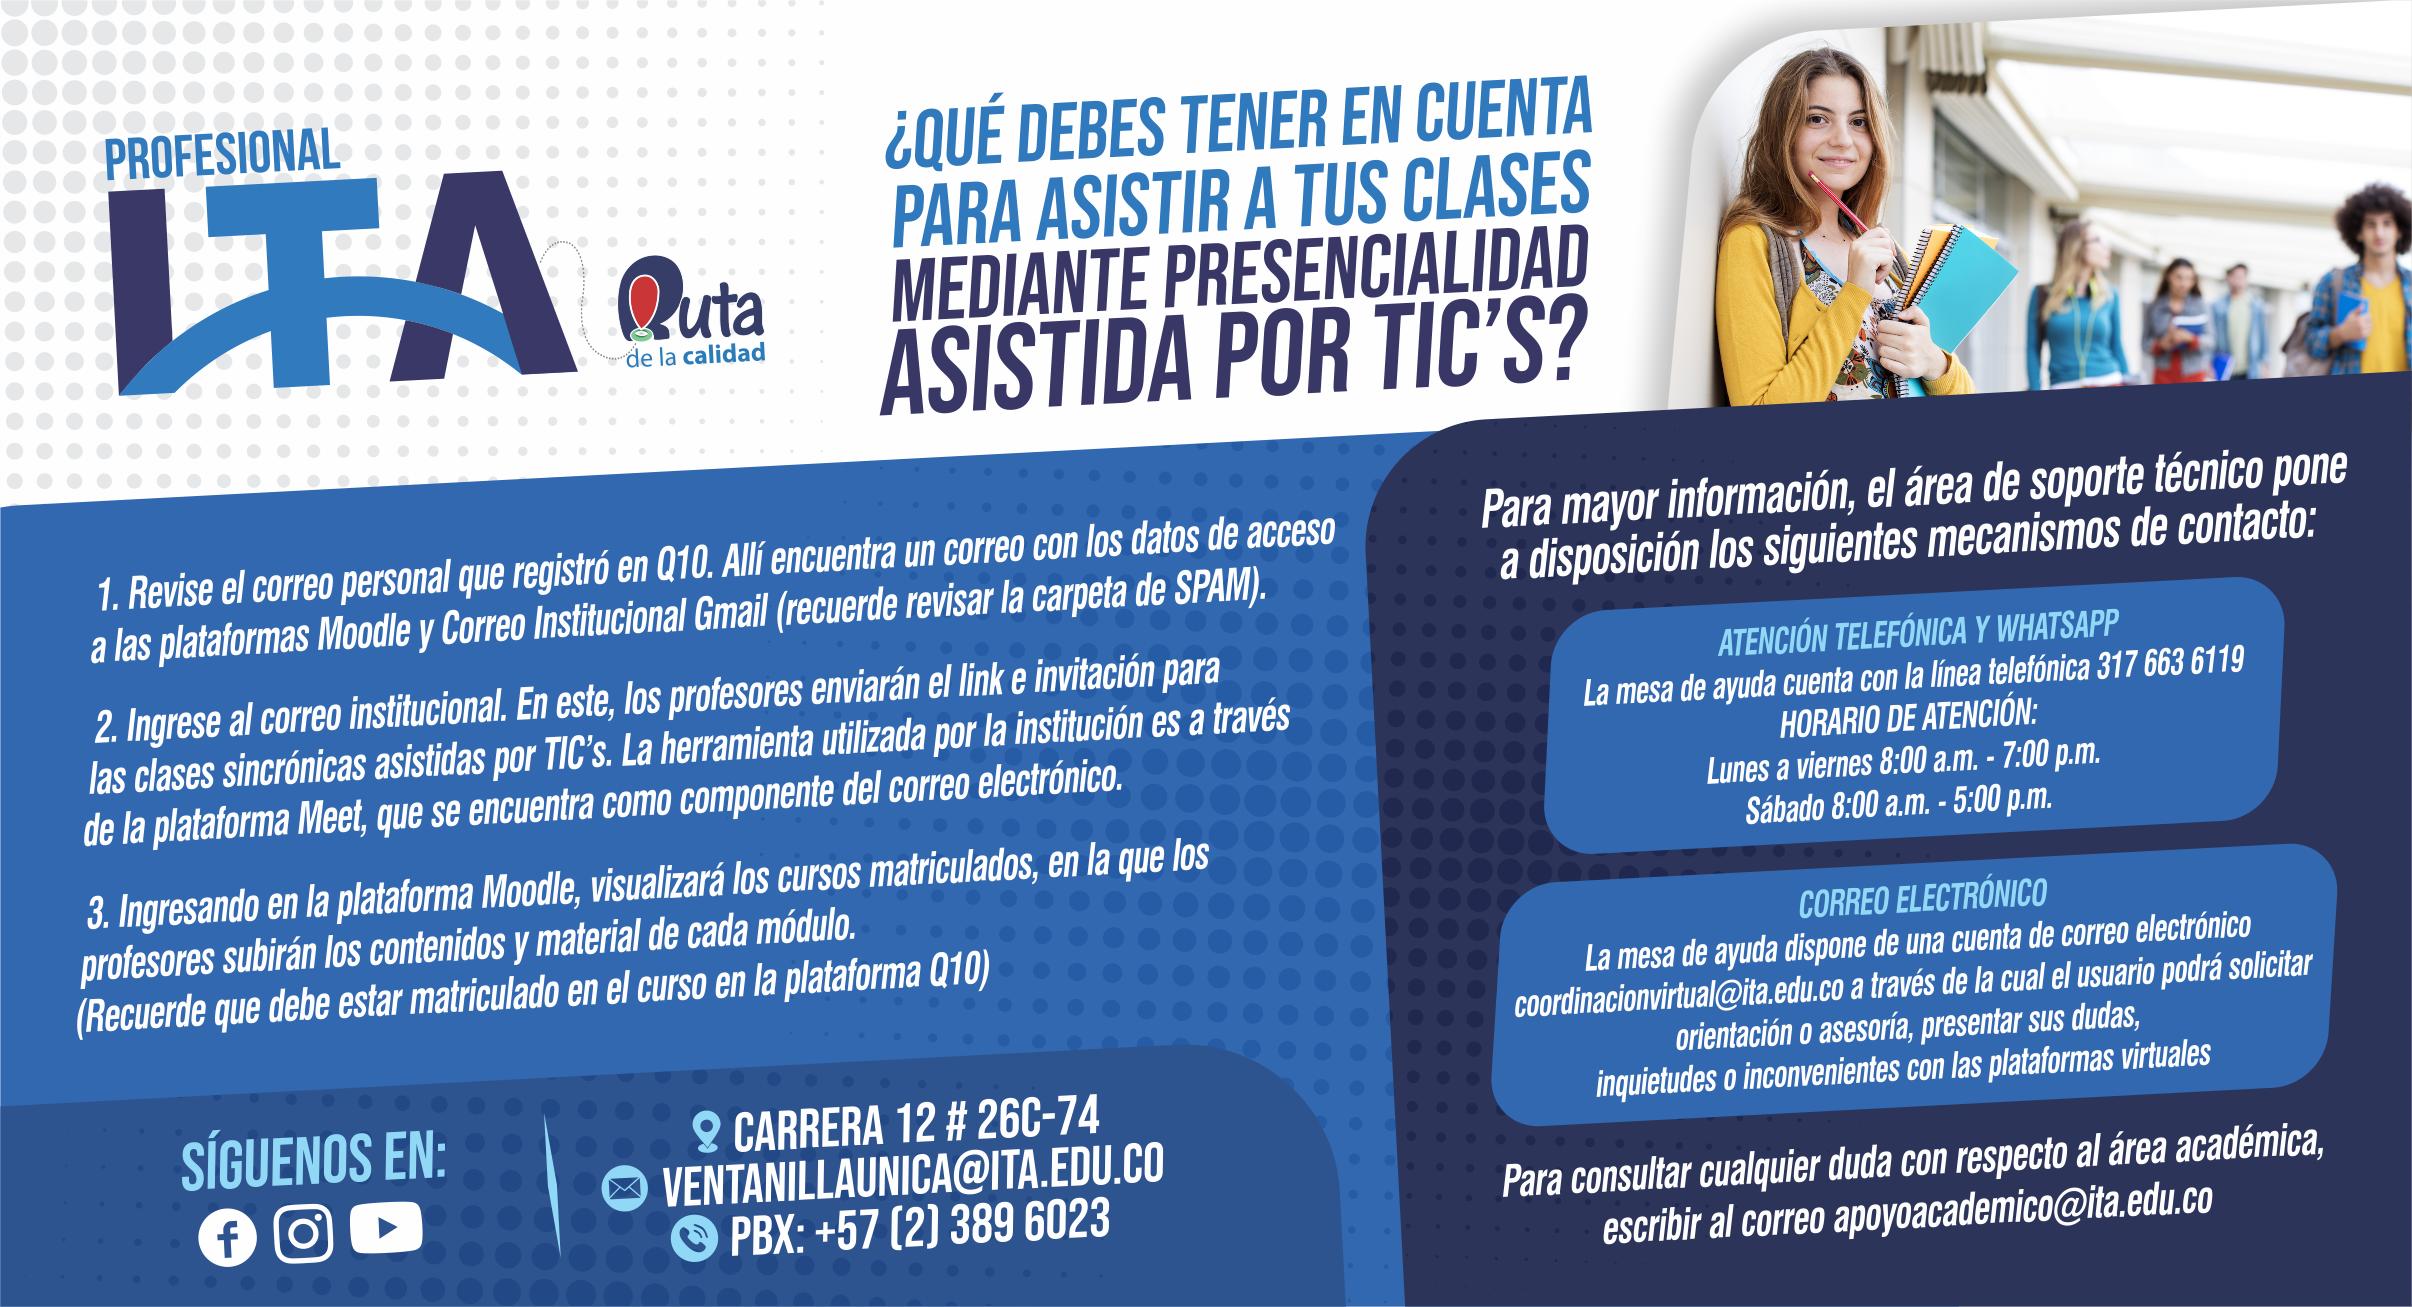 Presencialidad_Asistida_por_TIC_s_ITA_Profesional_noticia_web.png